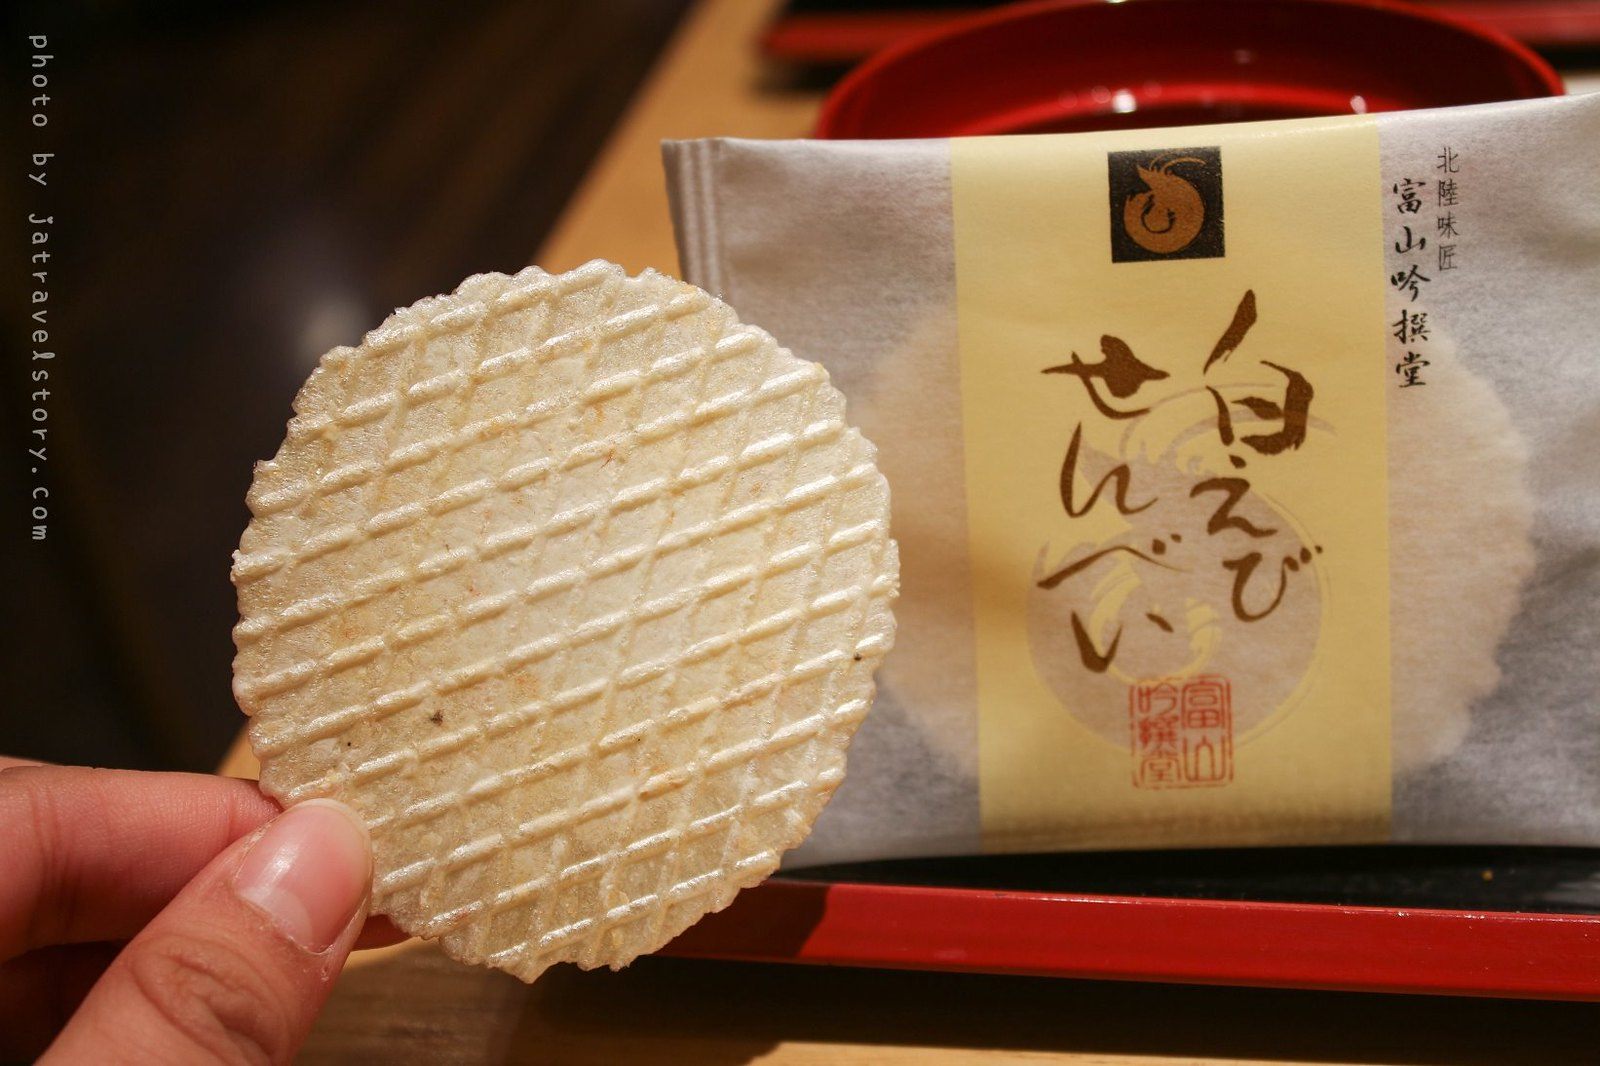 白えび亭 (白蝦亭) 大推鮮甜白蝦刺身丼,富山車站推薦美食!【富山美食】 @J&A的旅行